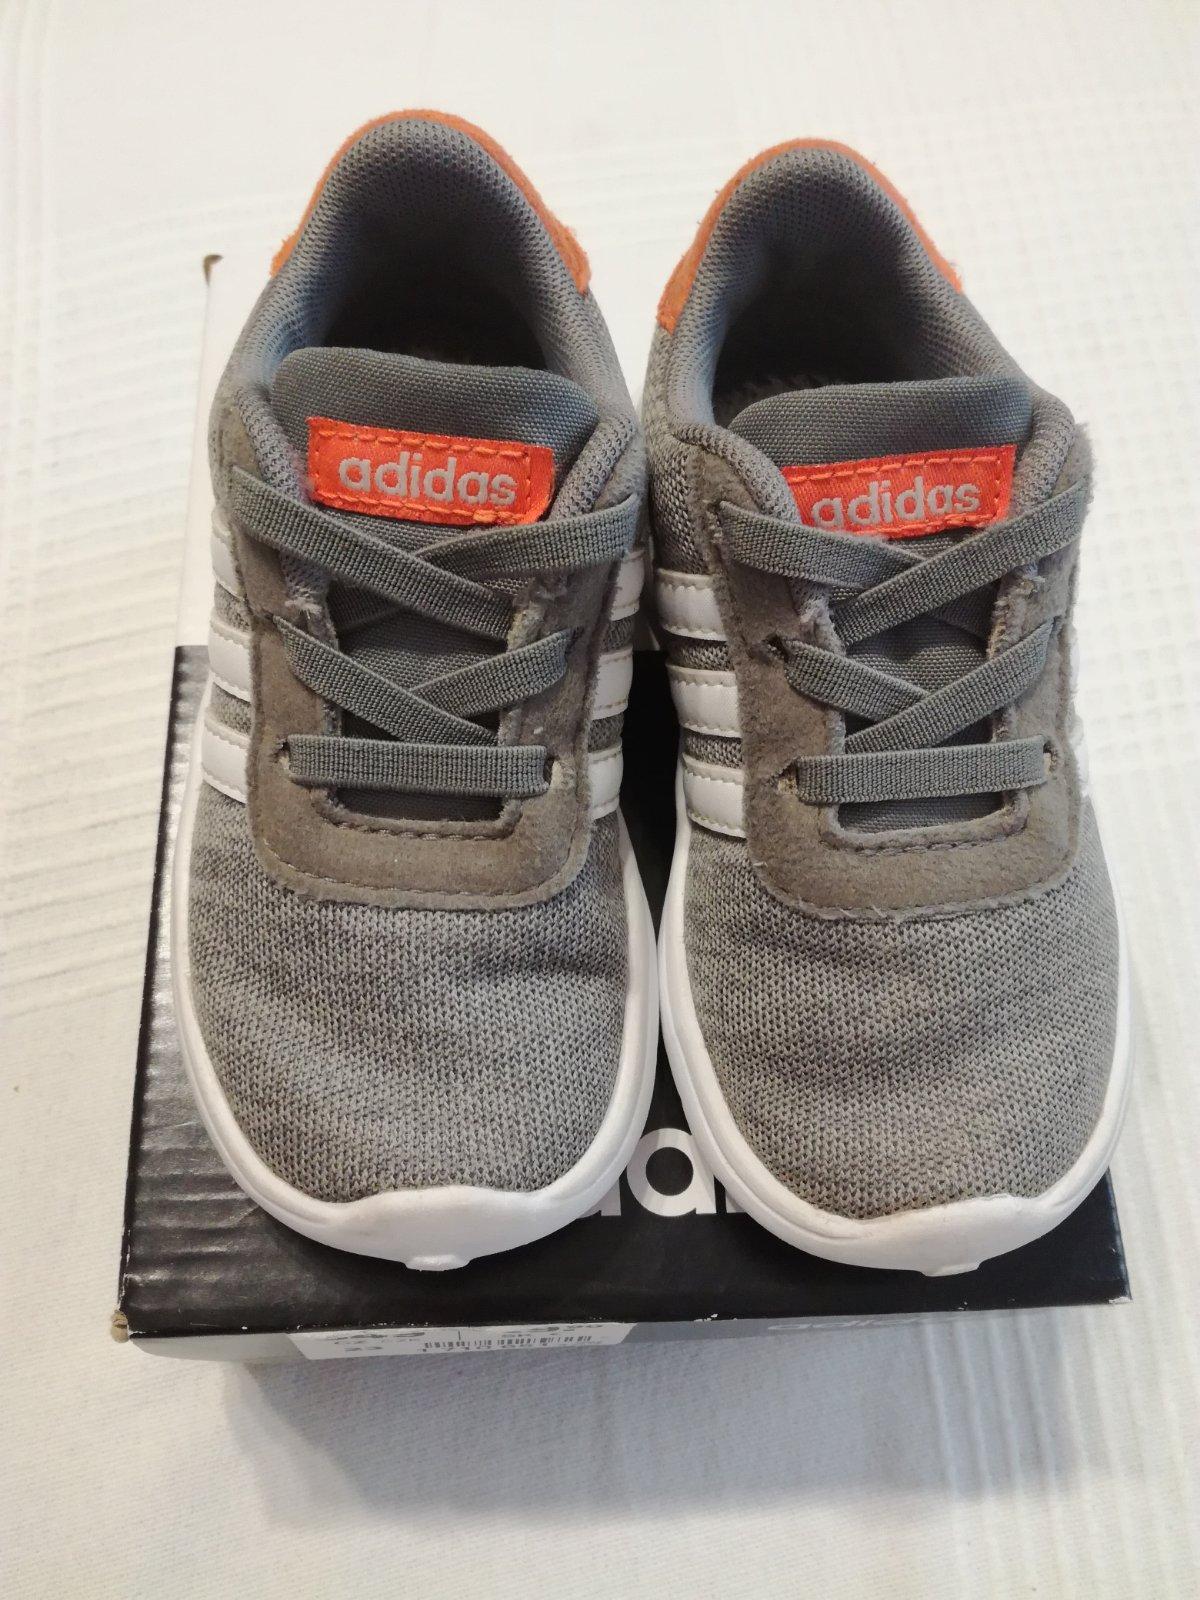 Adidas tenisky ffdcb828fe1